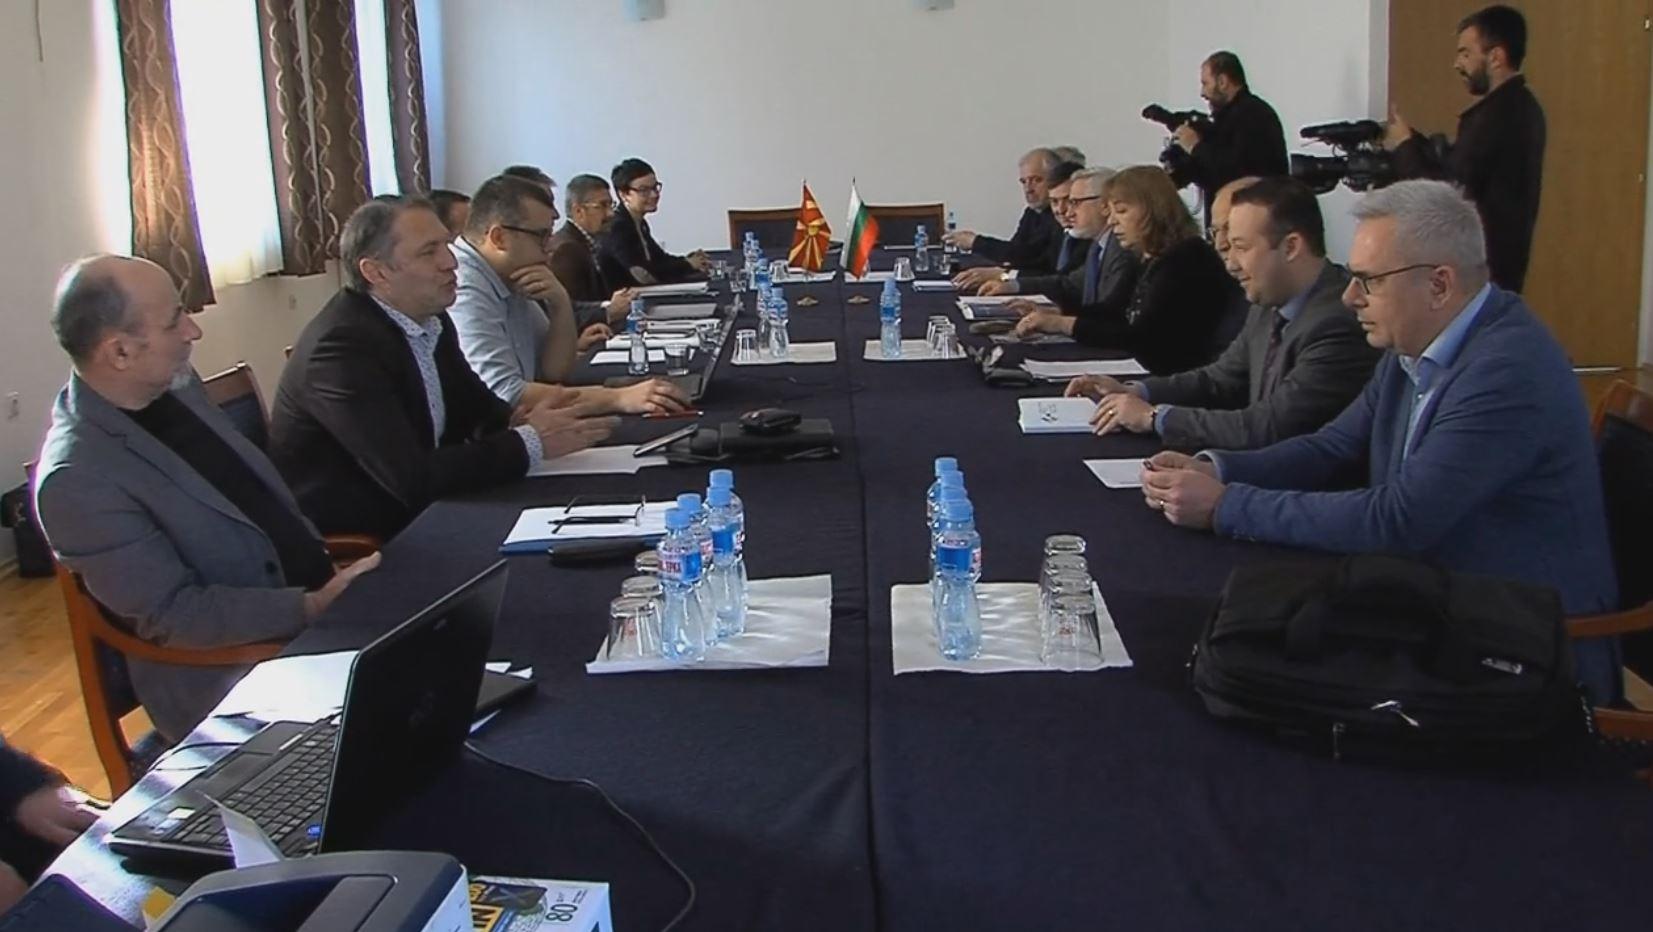 Анализа: Дали мешовитата Комисија наместо експертска станува политичка - што по изборите во Бугарија?